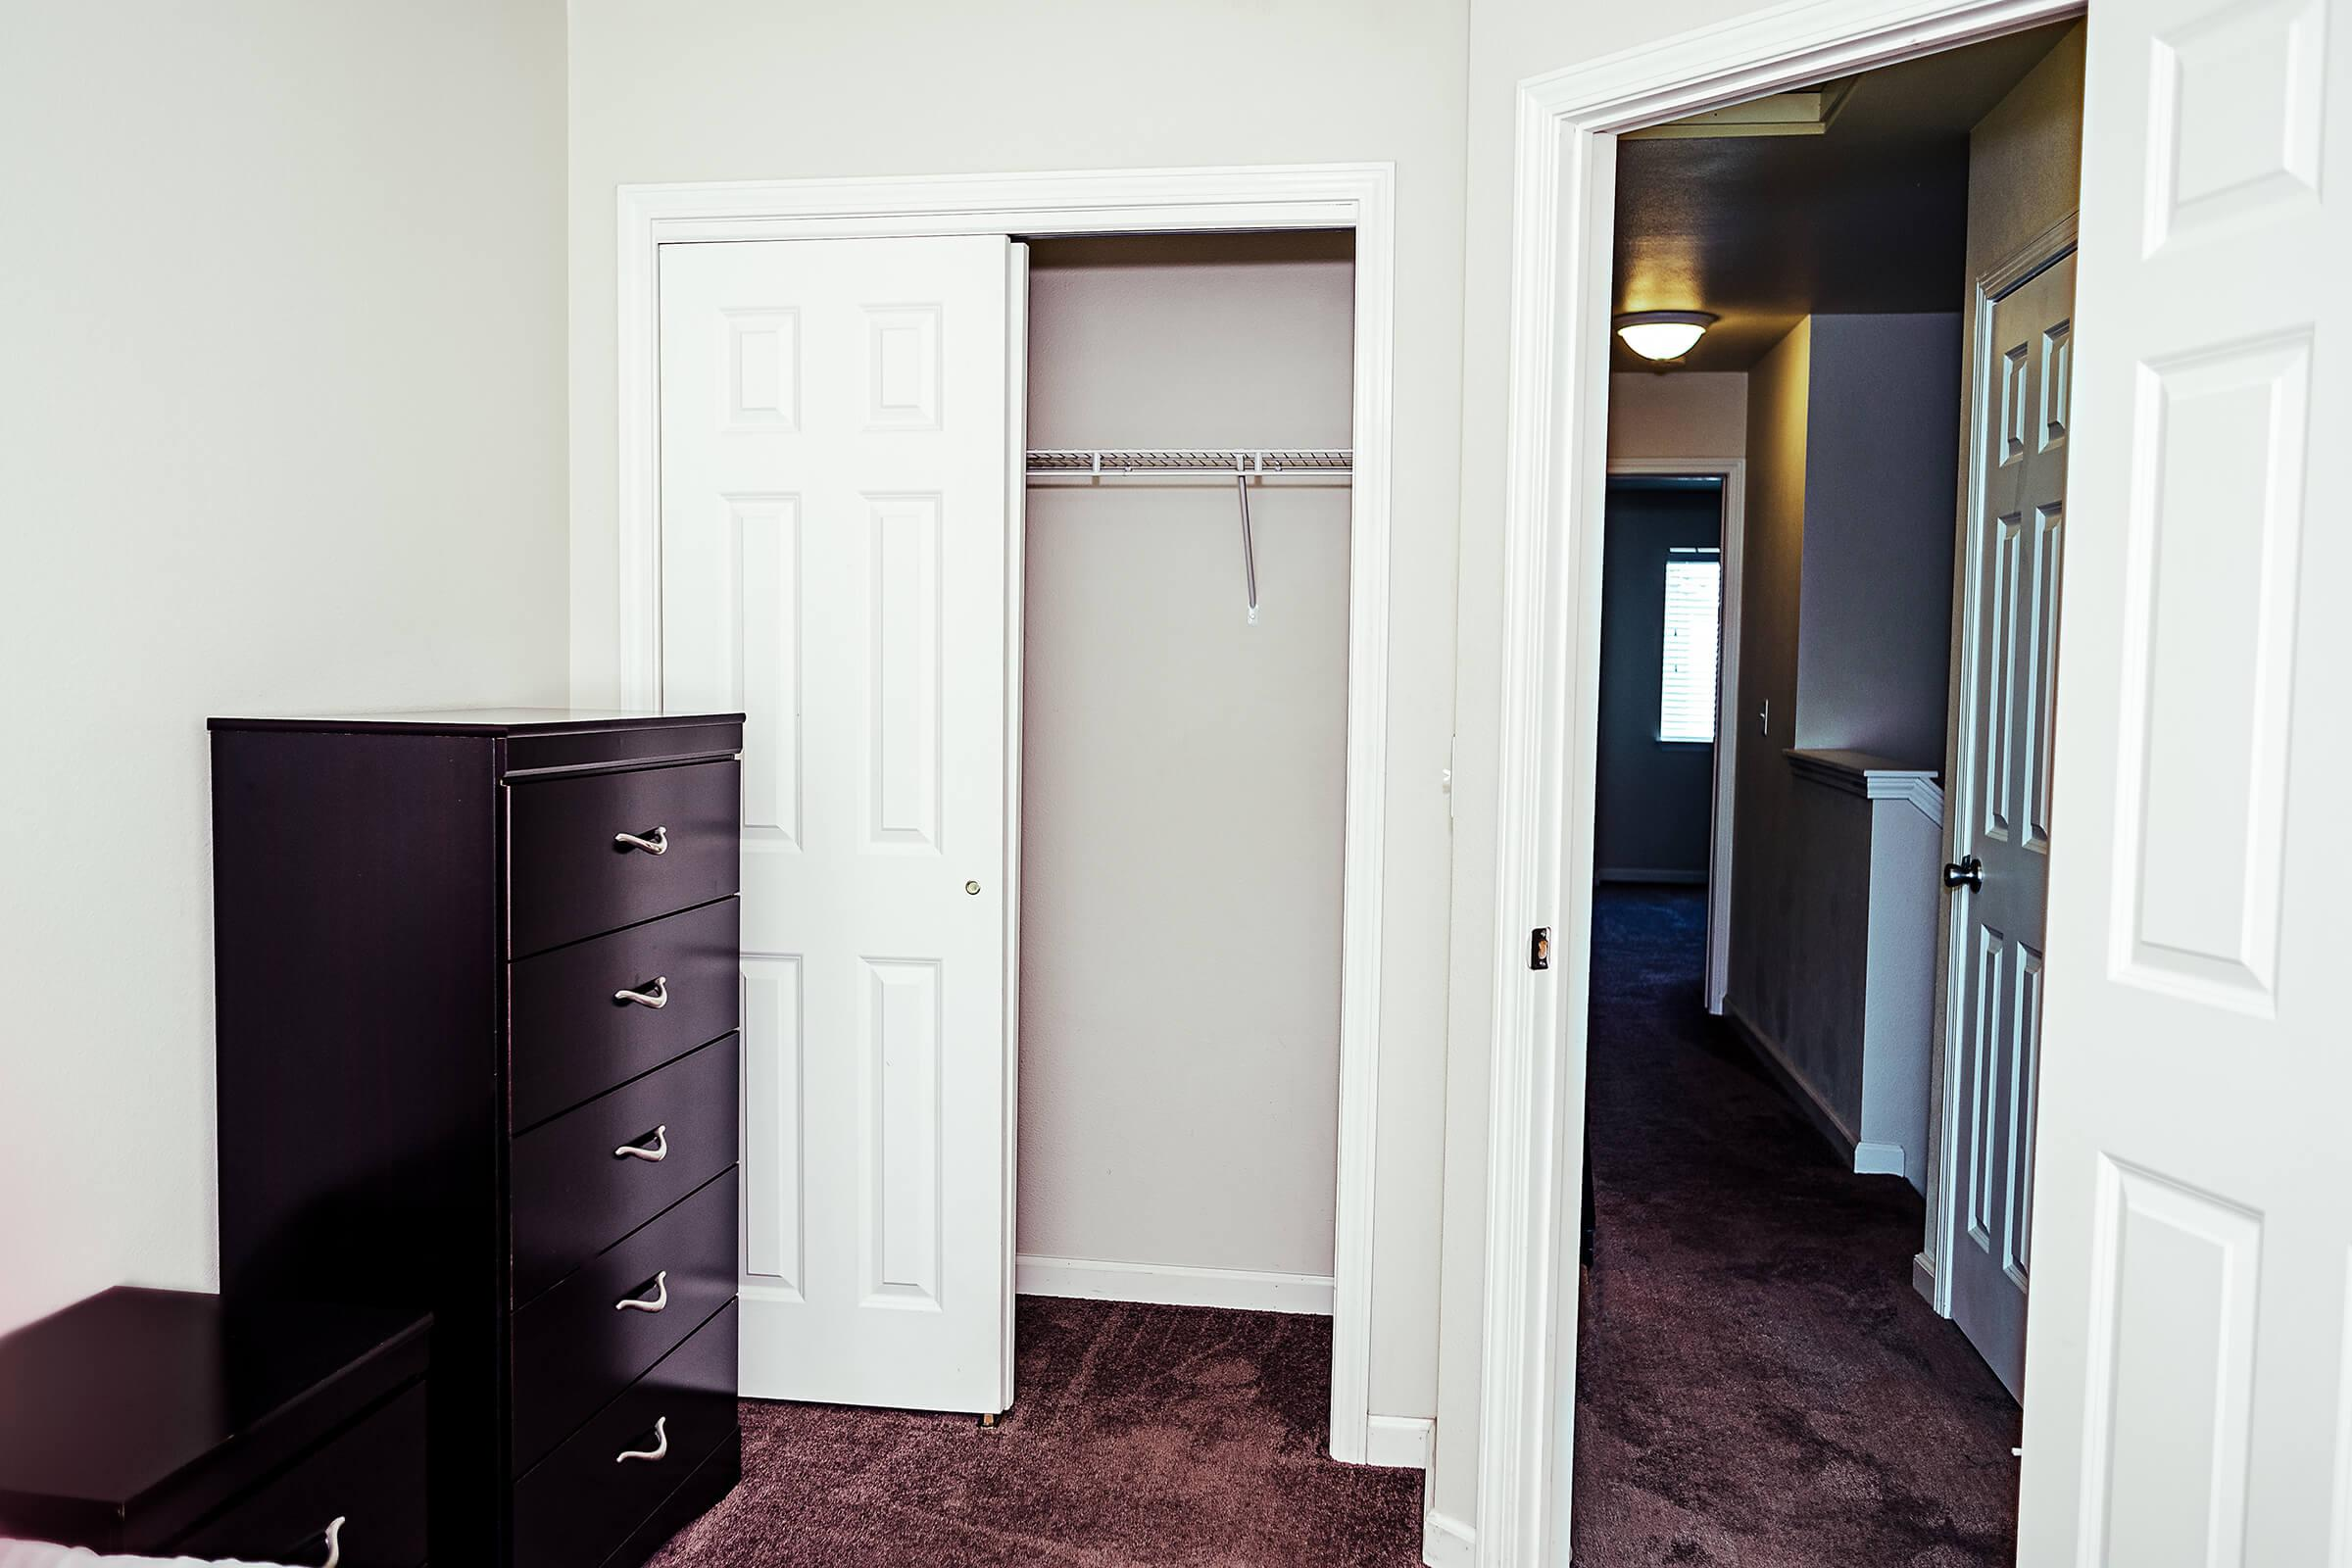 a door in a room